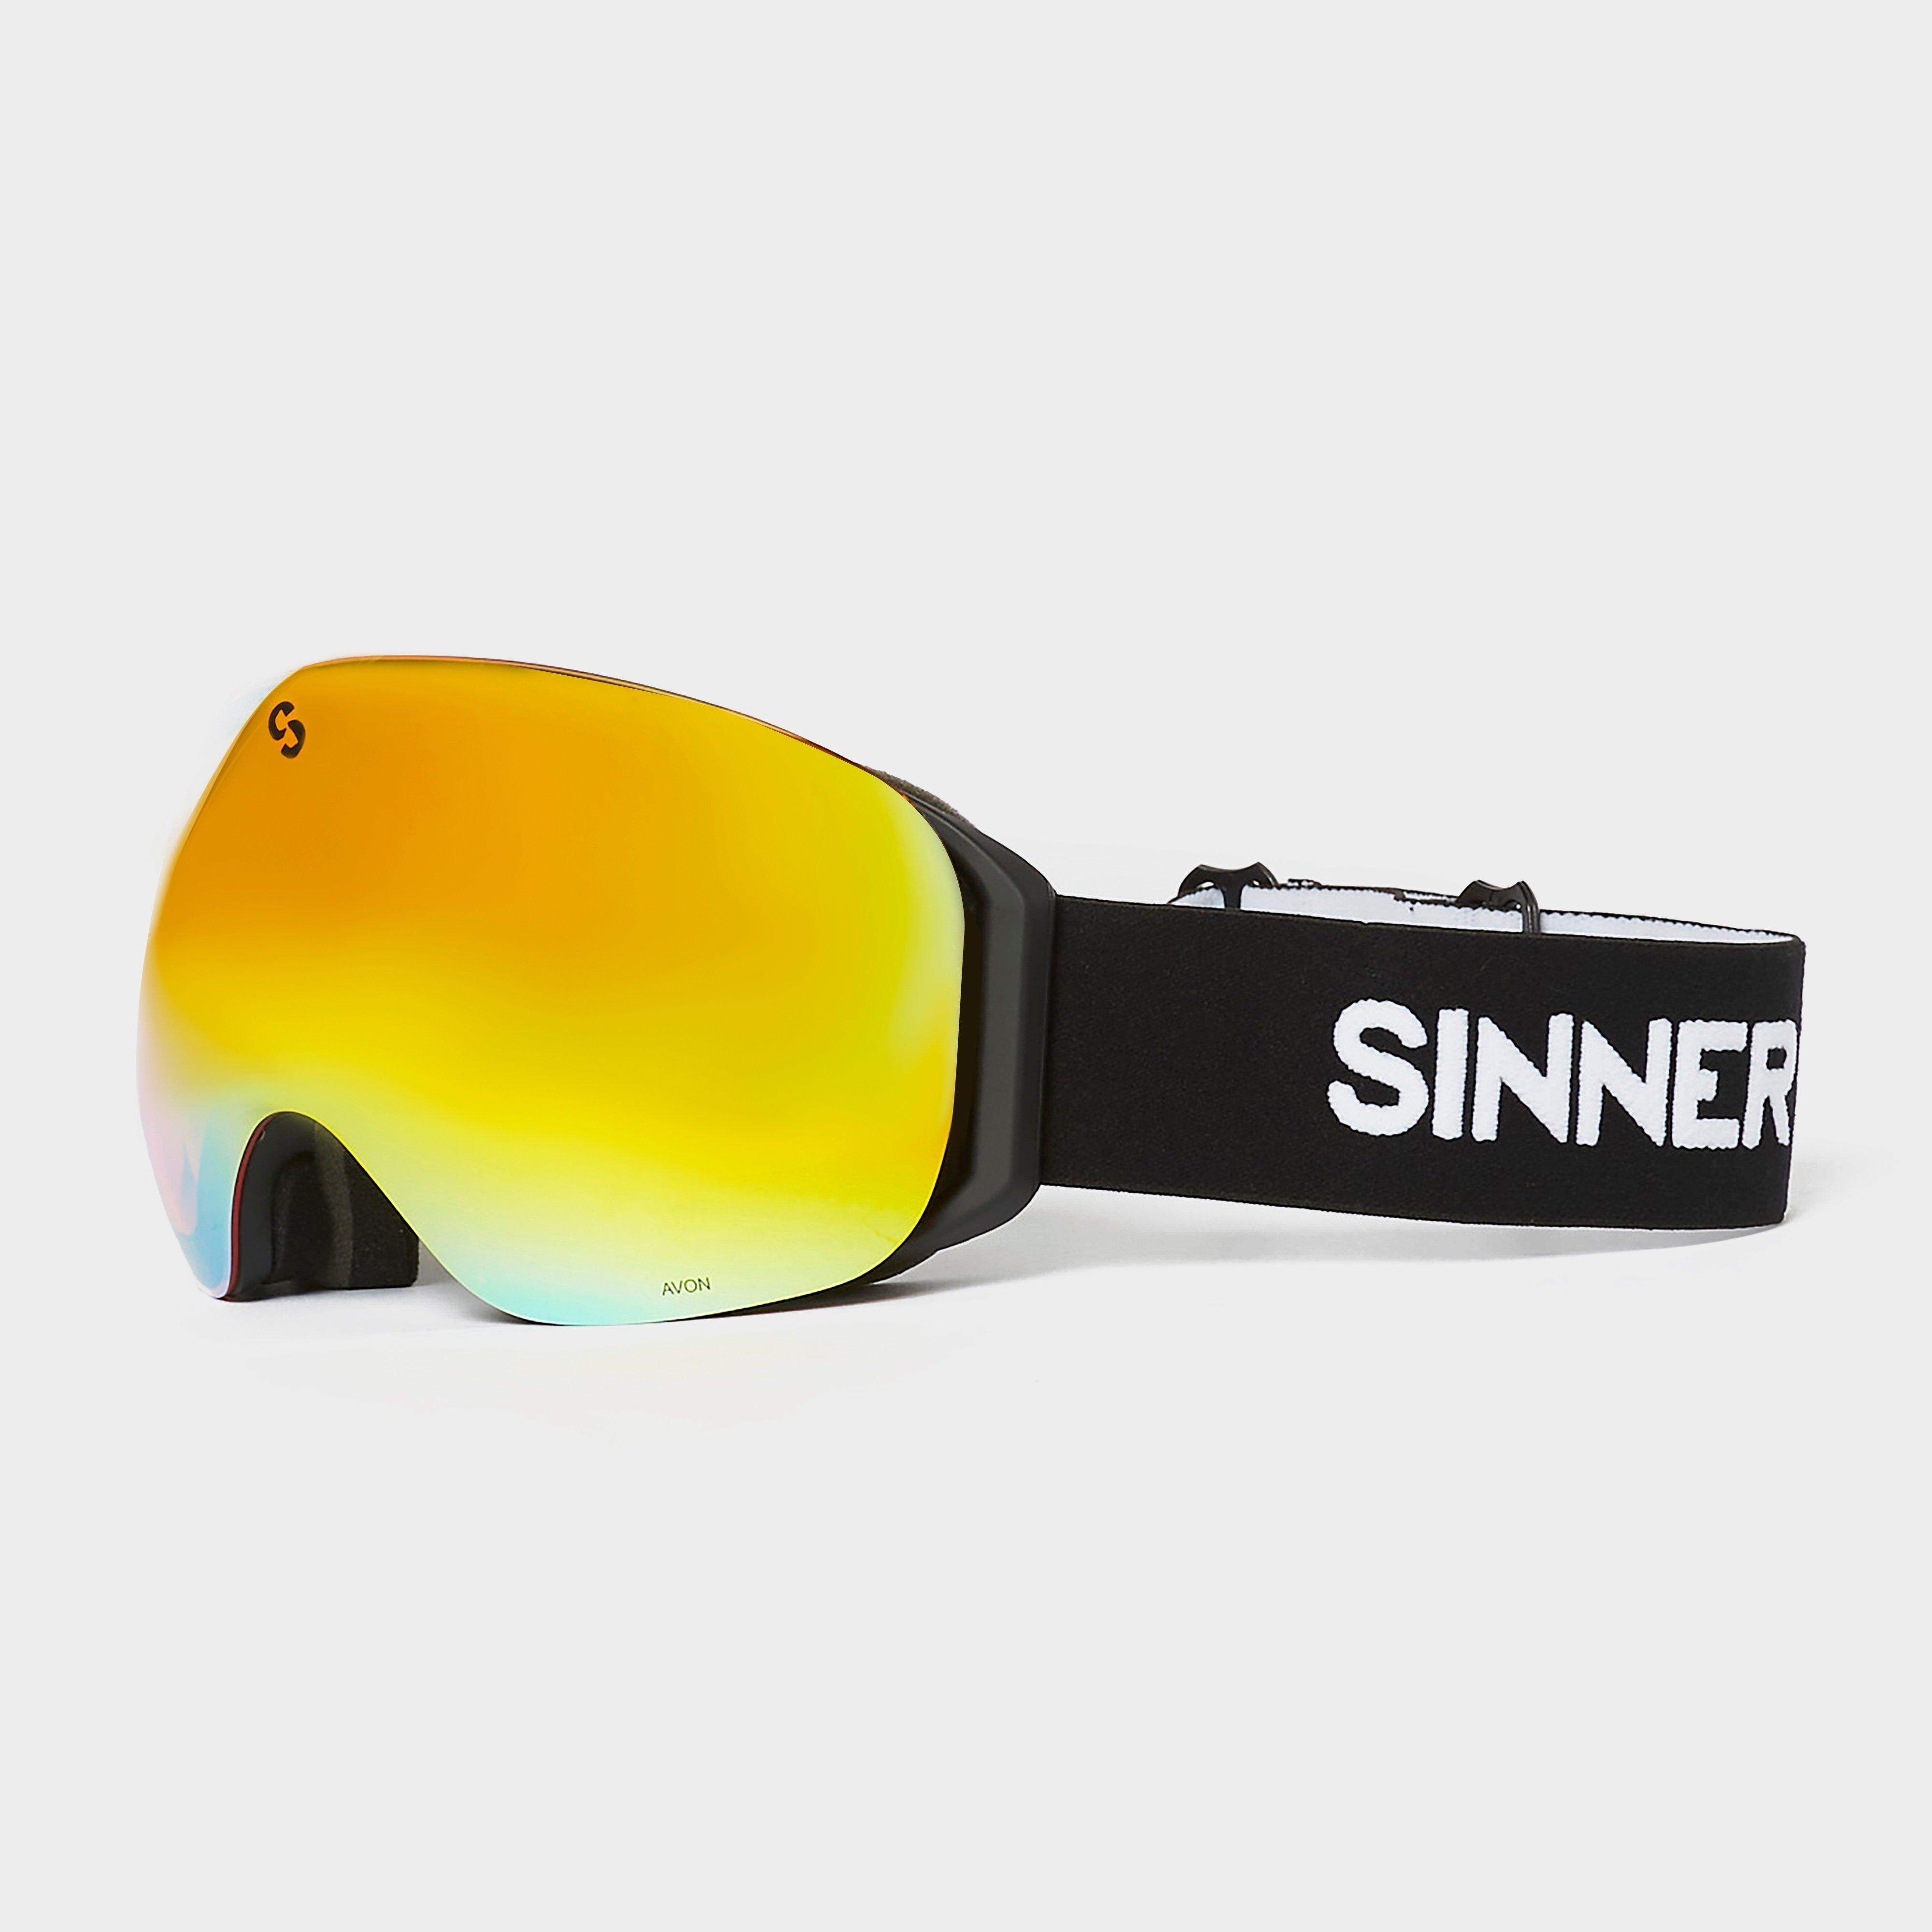 Image of Sinner Unisex Avon Matte Goggles - Blk/Red/Blk/Red, BLK/RED/BLK/RED